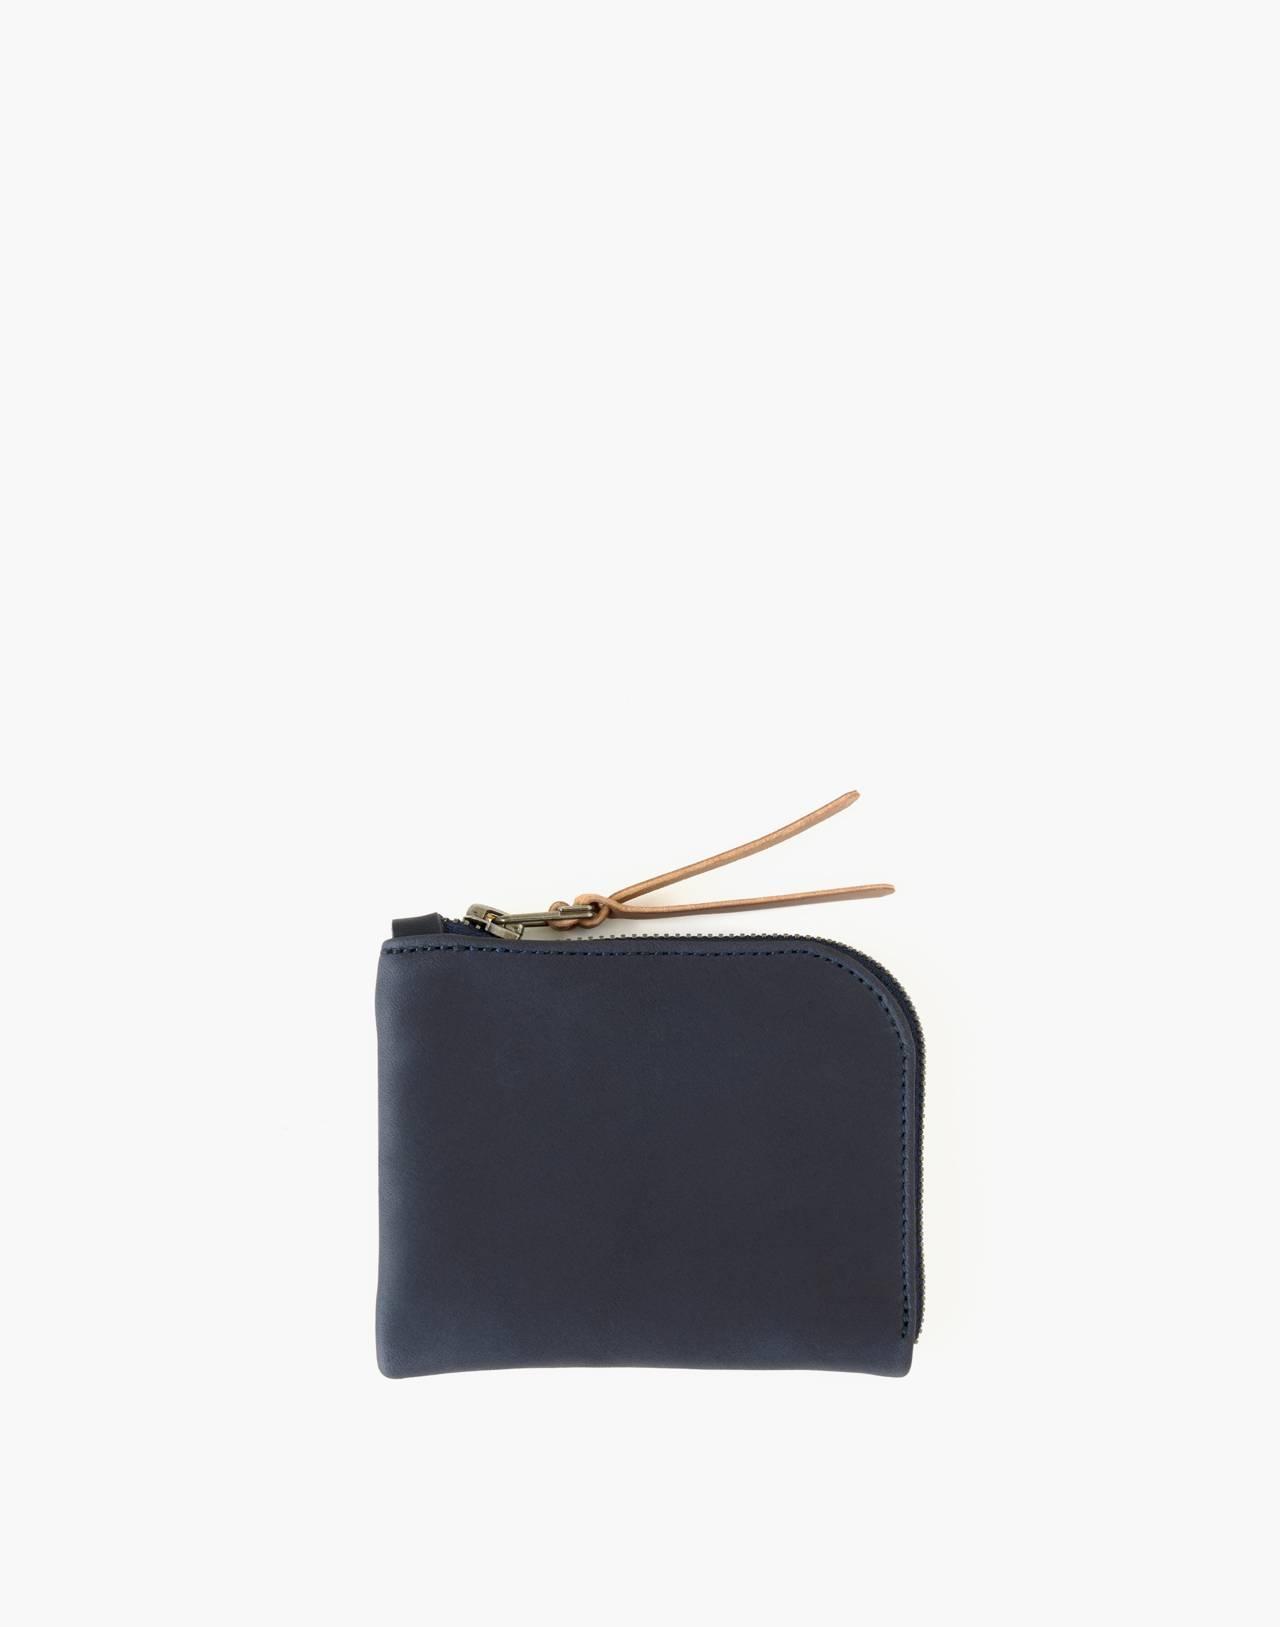 MAKR Leather Zip Luxe Wallet in navy image 1